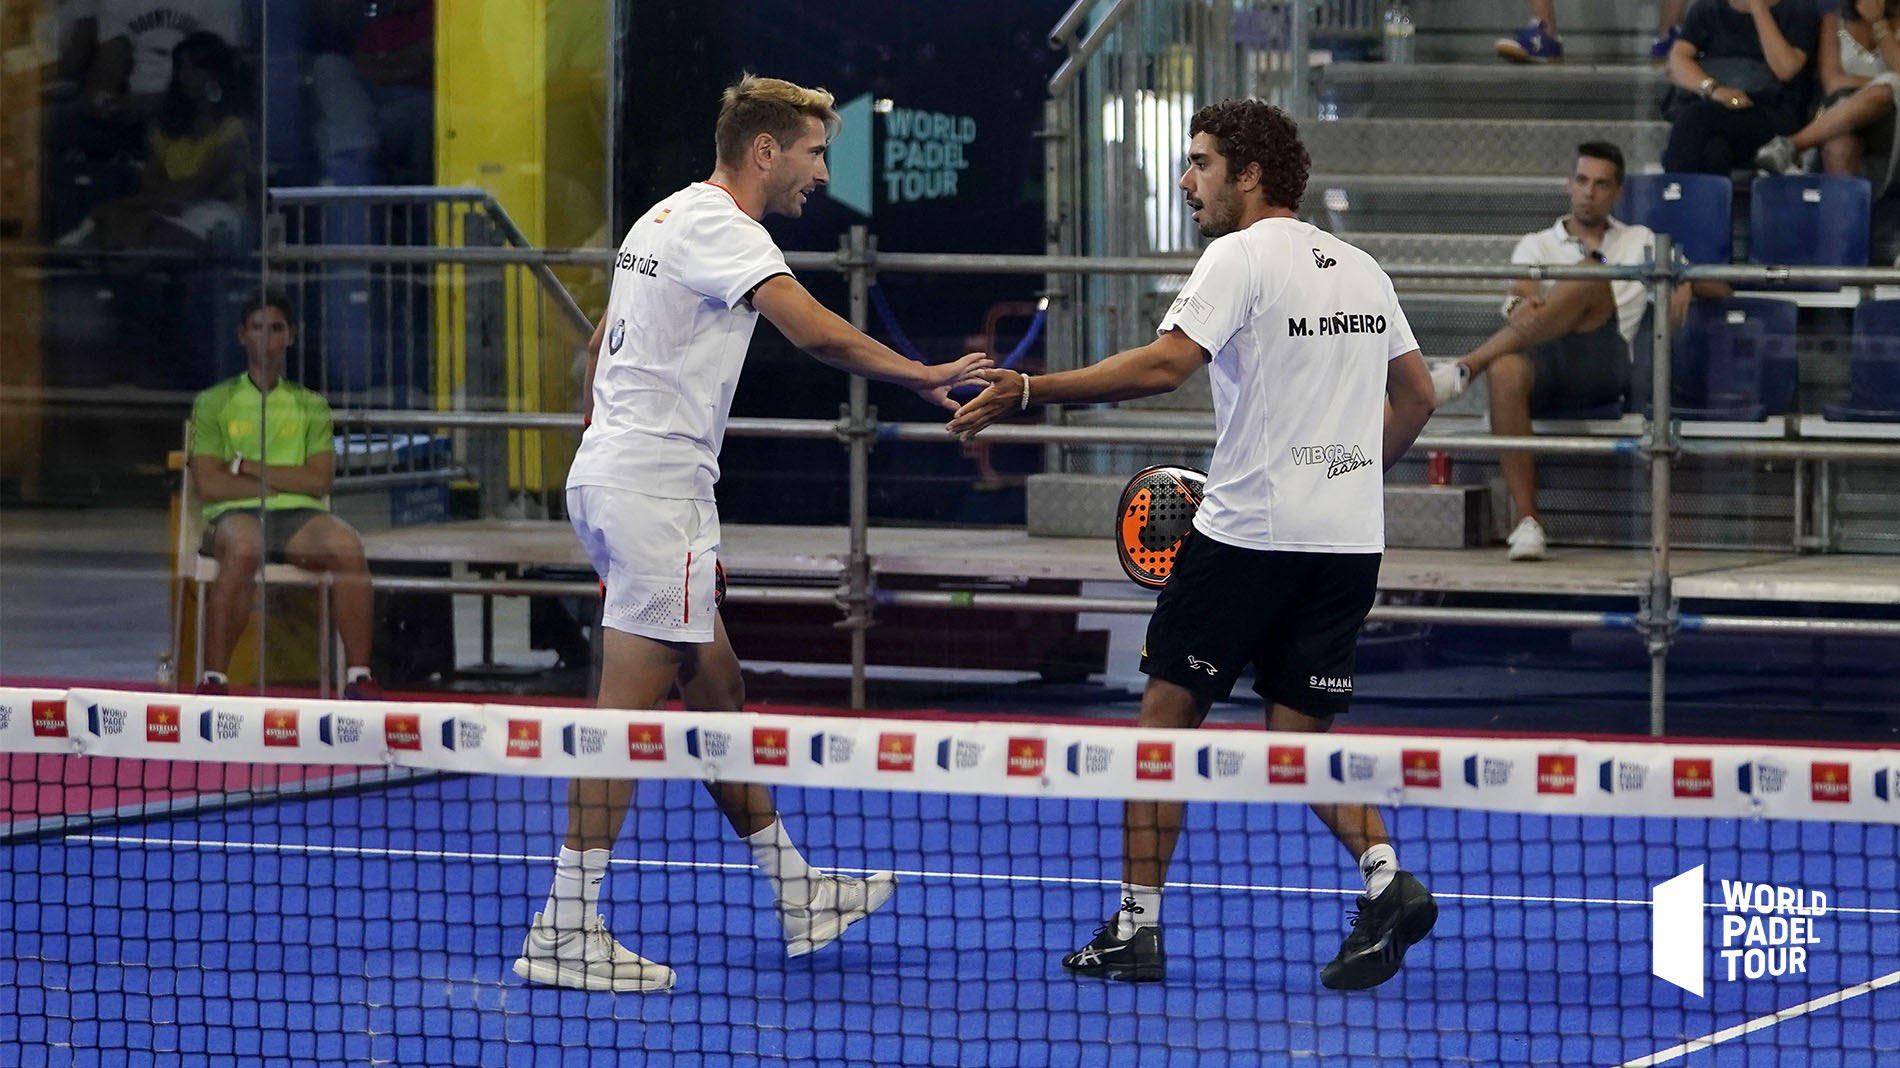 Martín Sánchez Piñeiro y Ale Ruiz debutaron con victoria en el Madrid Master